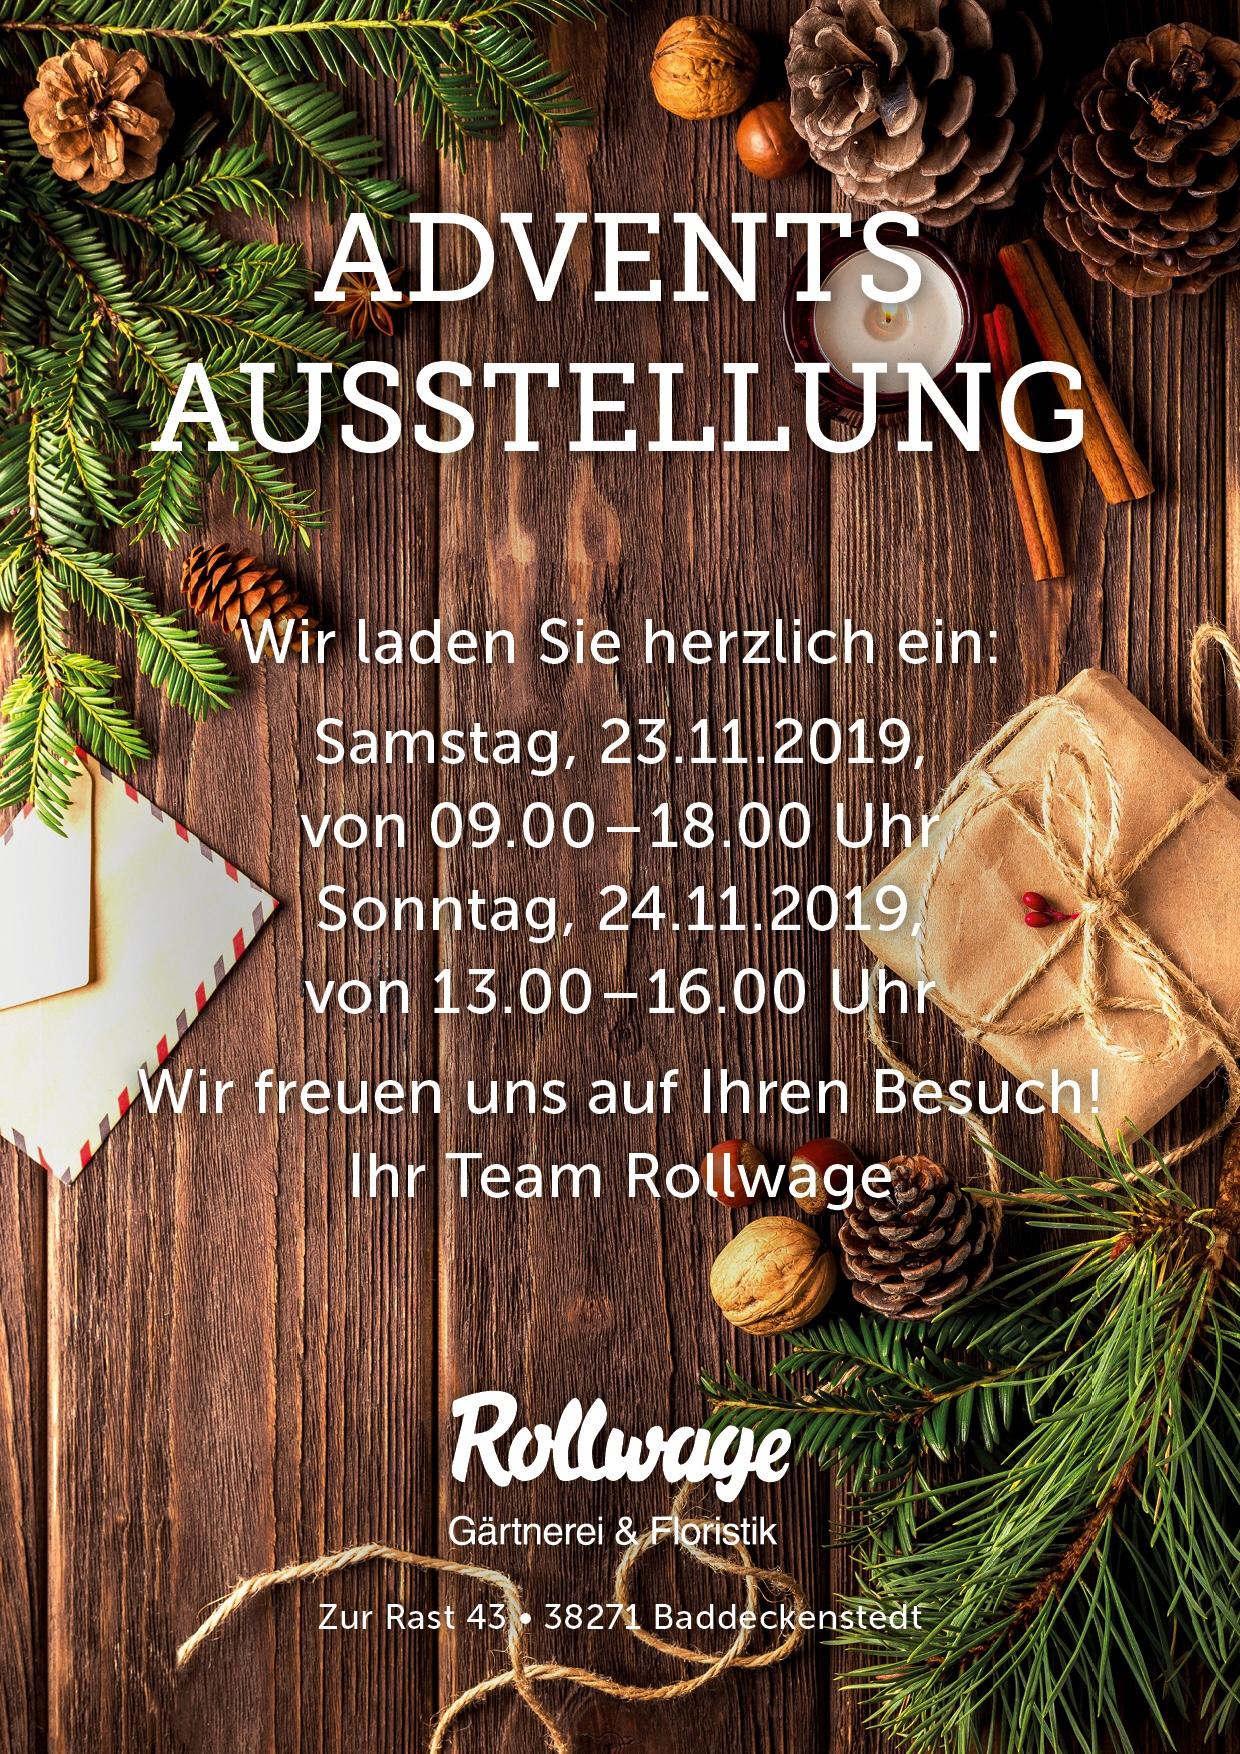 Adventsausstellung 2019 Gärtnerei Rollwage Veranstaltung